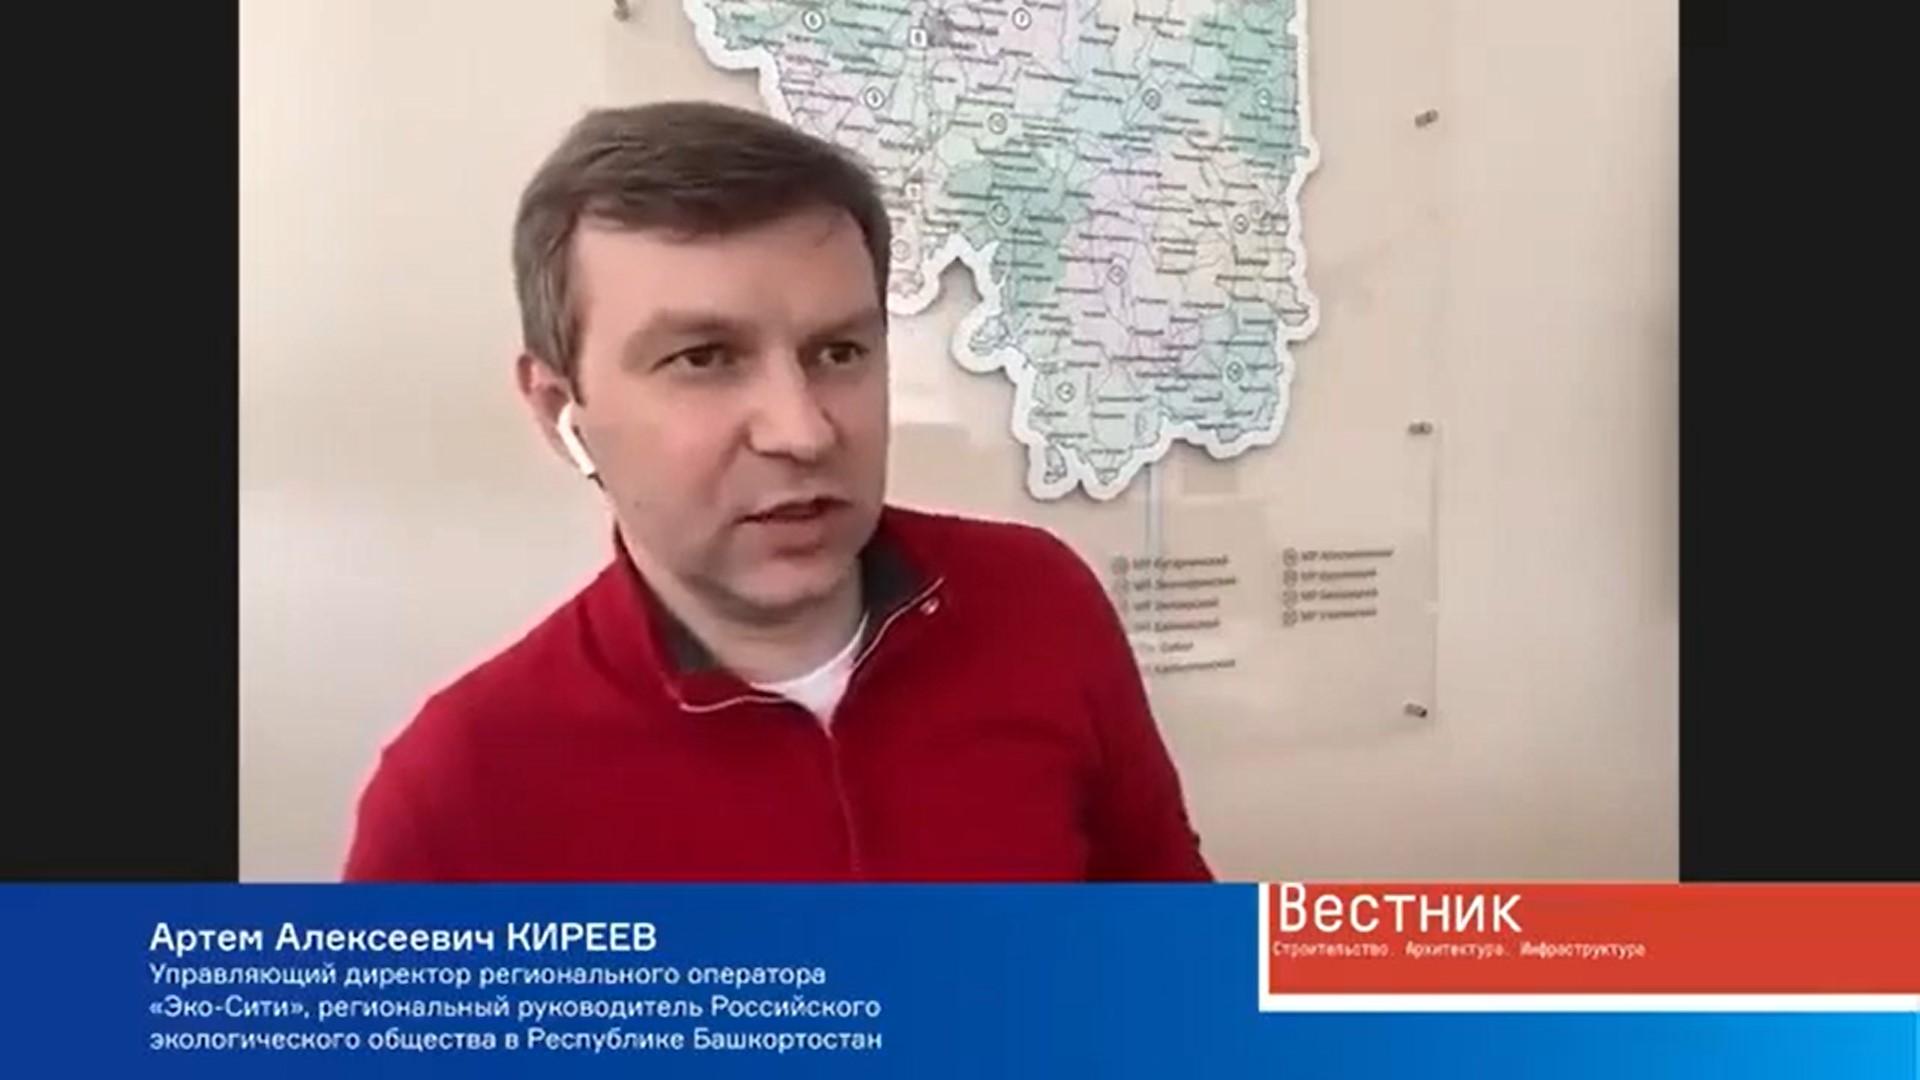 Артем Киреев, руководитель регионального отделения Российского экологического общества в Республике Башкортостан